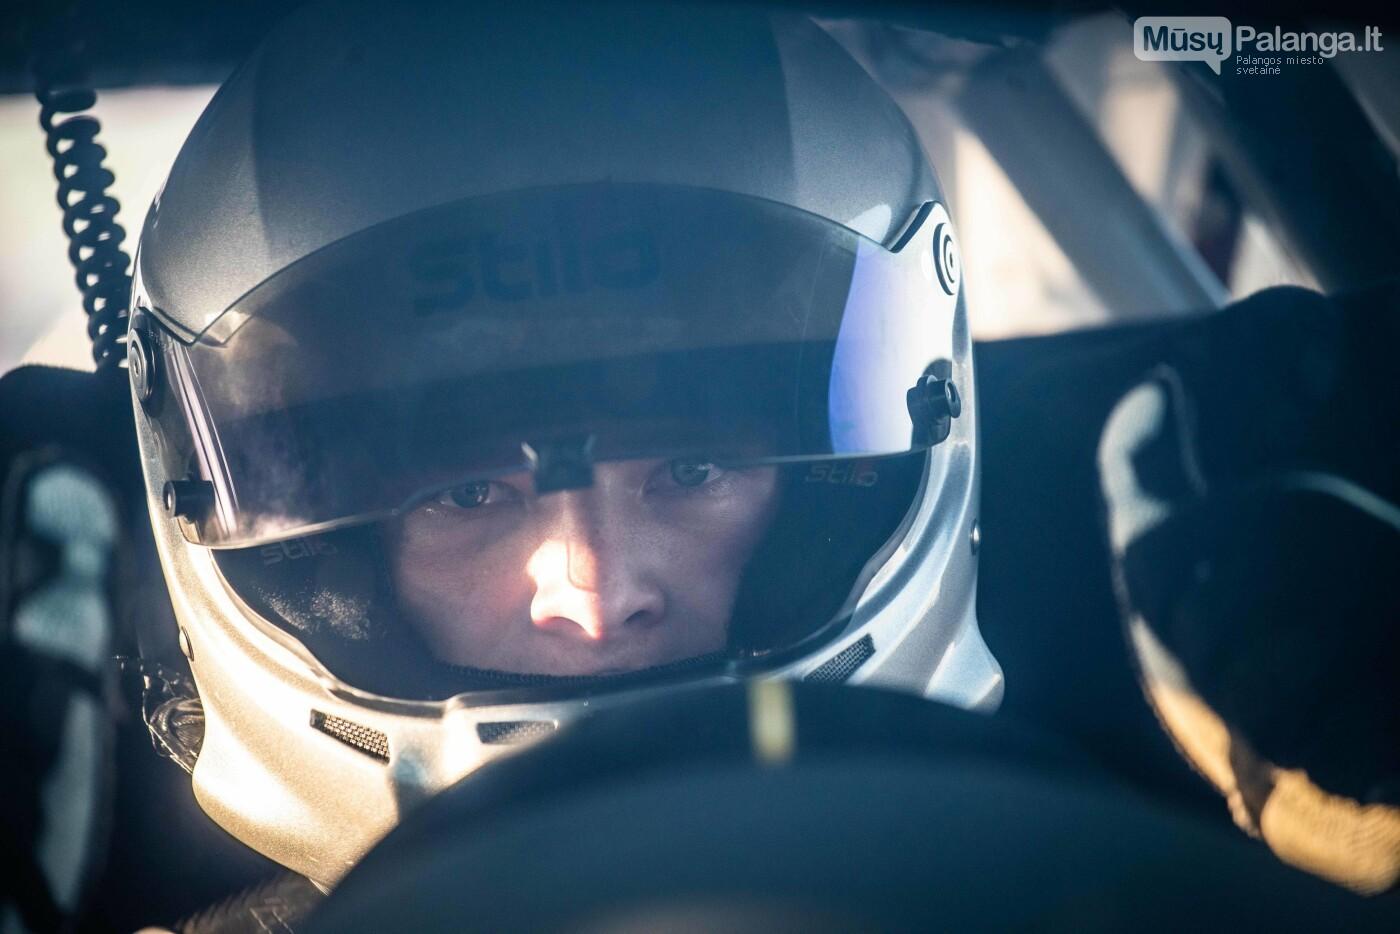 """Jubiliejinėse ilgų nuotolių lenktynėse ryškiausiai švietė """"Circle K milesPlus Racing Team""""  žvaigždė, nuotrauka-7"""